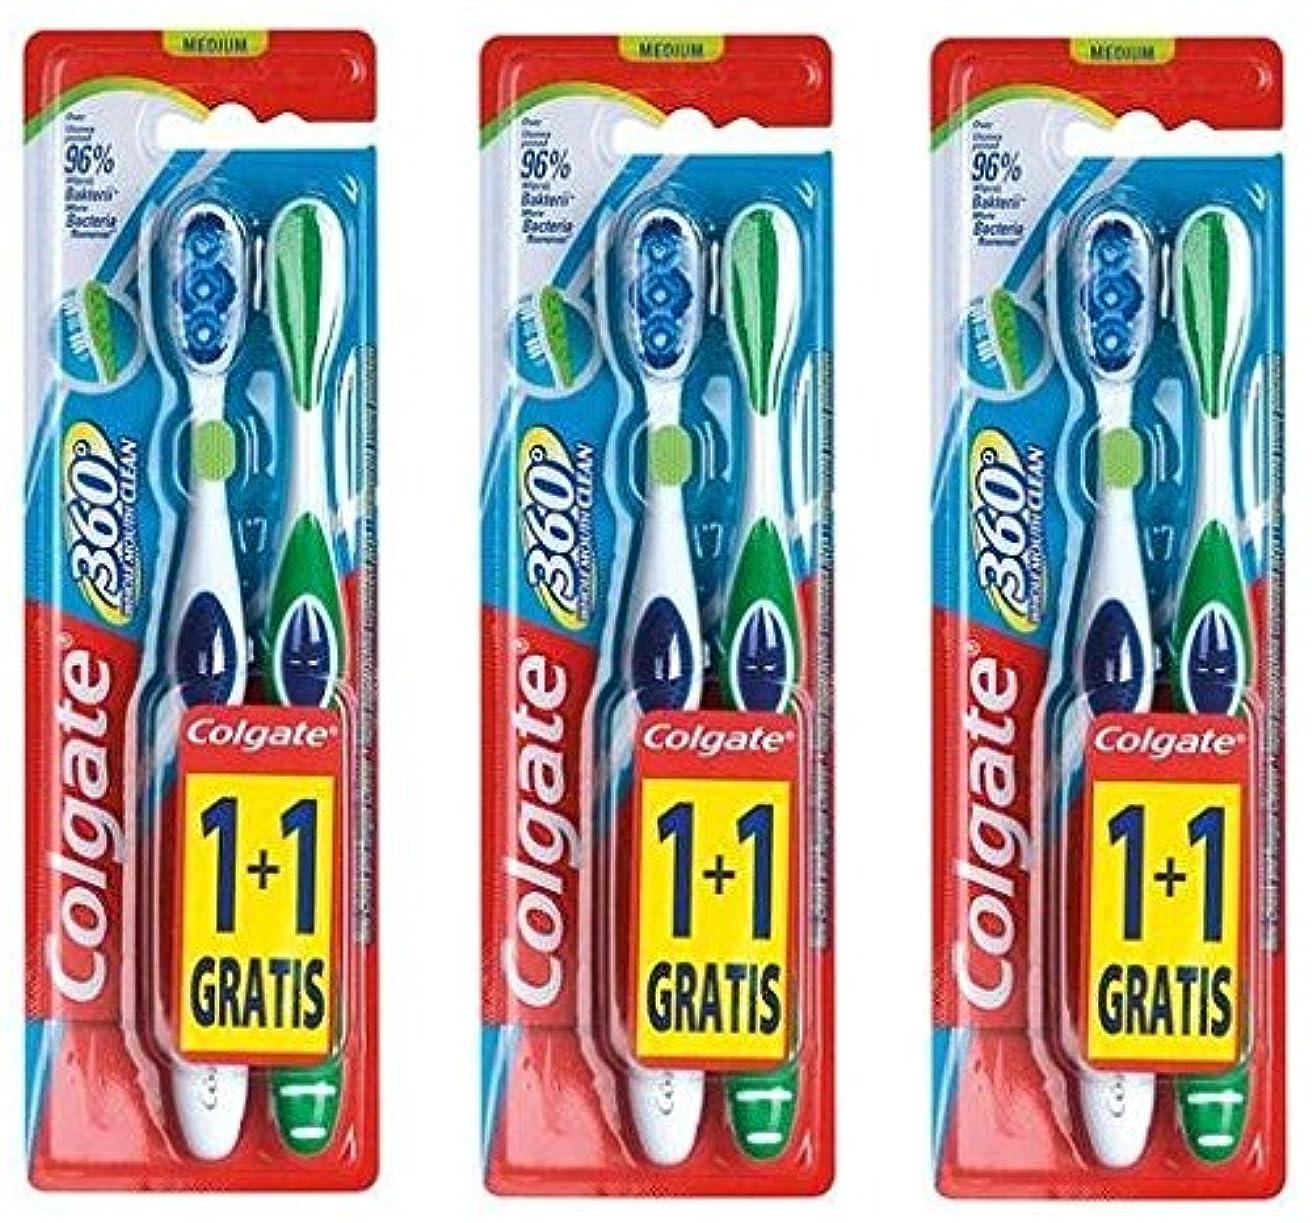 血統延ばす自伝Colgate 360 Whole Mouth Clean コルゲート 歯ブラシ 6個 (2 x 3) [並行輸入品]